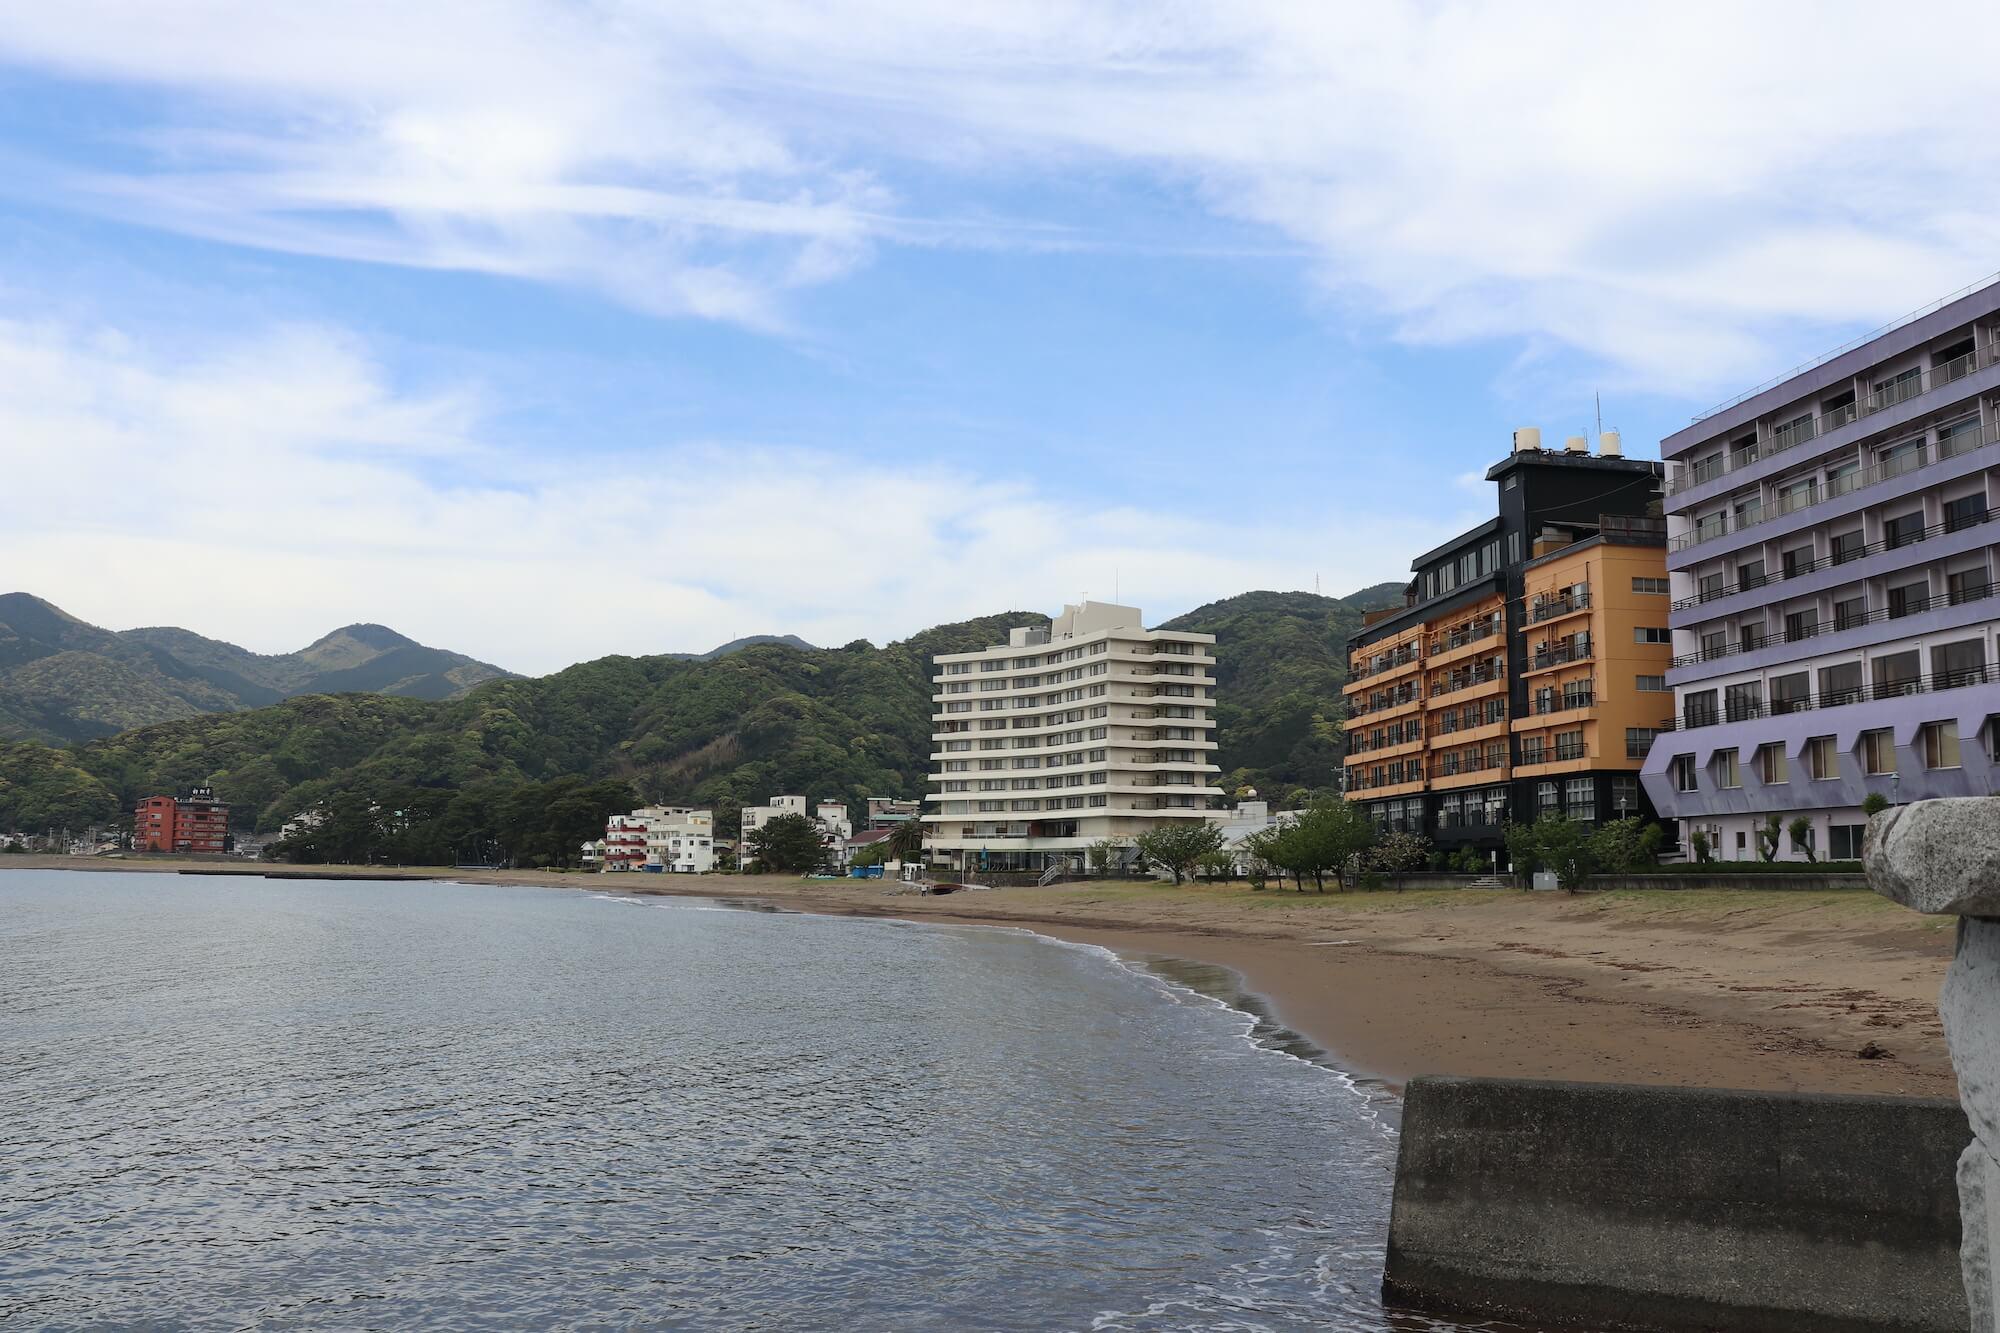 西伊豆土肥海水浴場の眺め